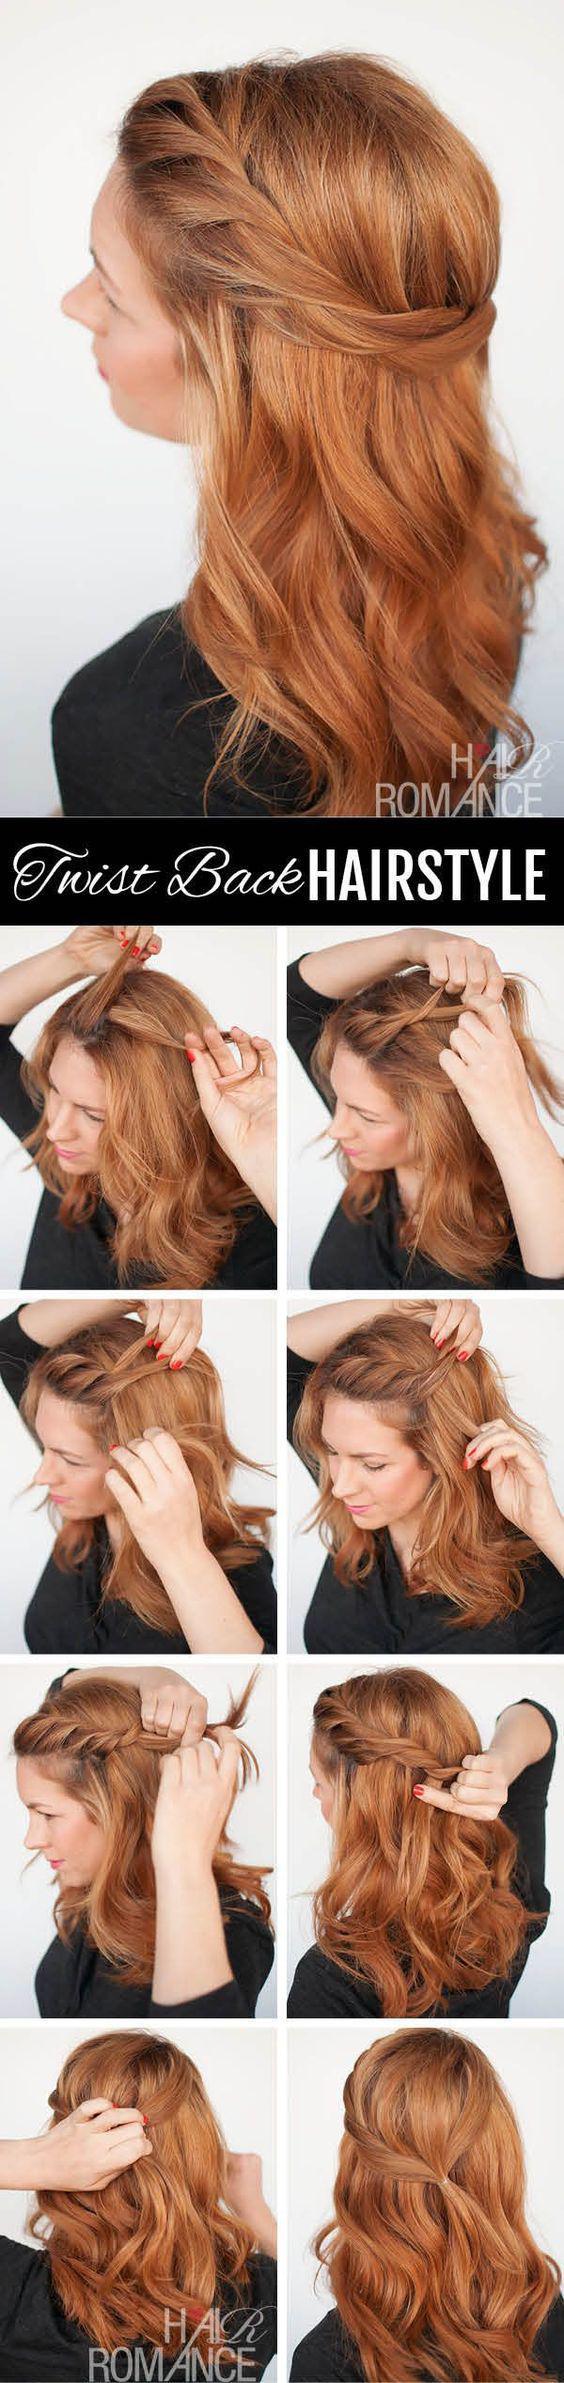 Причёски на средние редкие волосы на каждый день своими руками